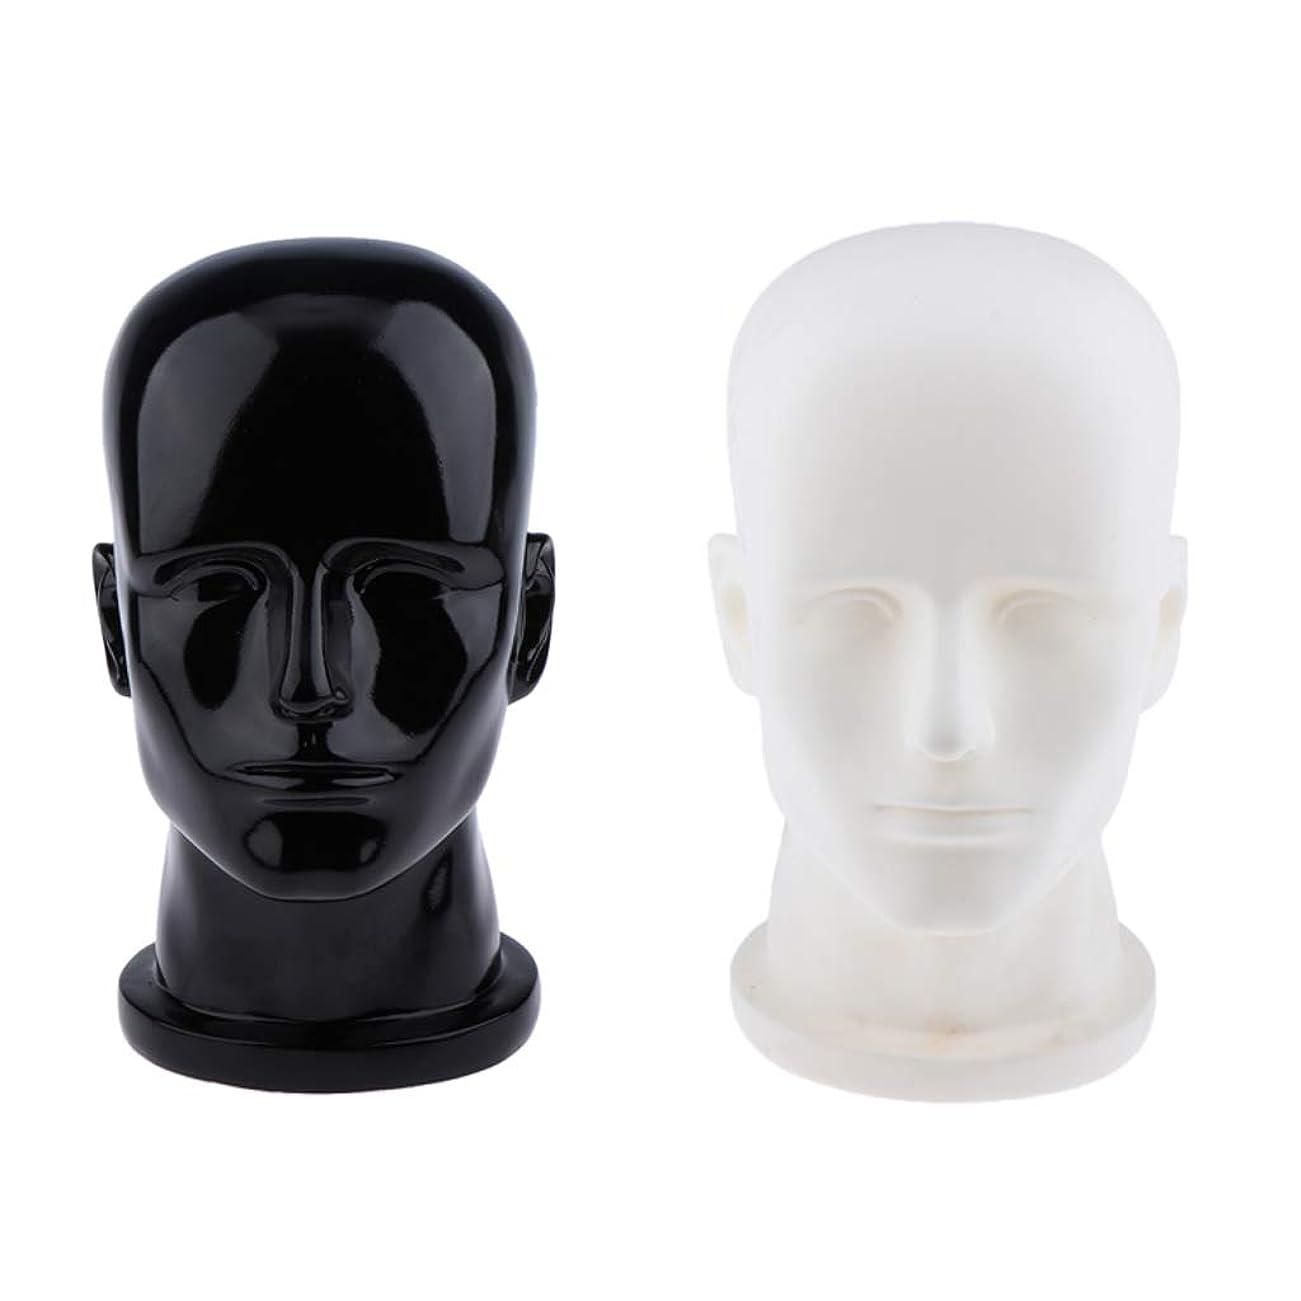 インストラクター市の中心部ネックレットT TOOYFUL マネキン ヘッド 男性 軽量 ポリ塩化ビニール 頭部モデル キャップ かつら作成 2個セット